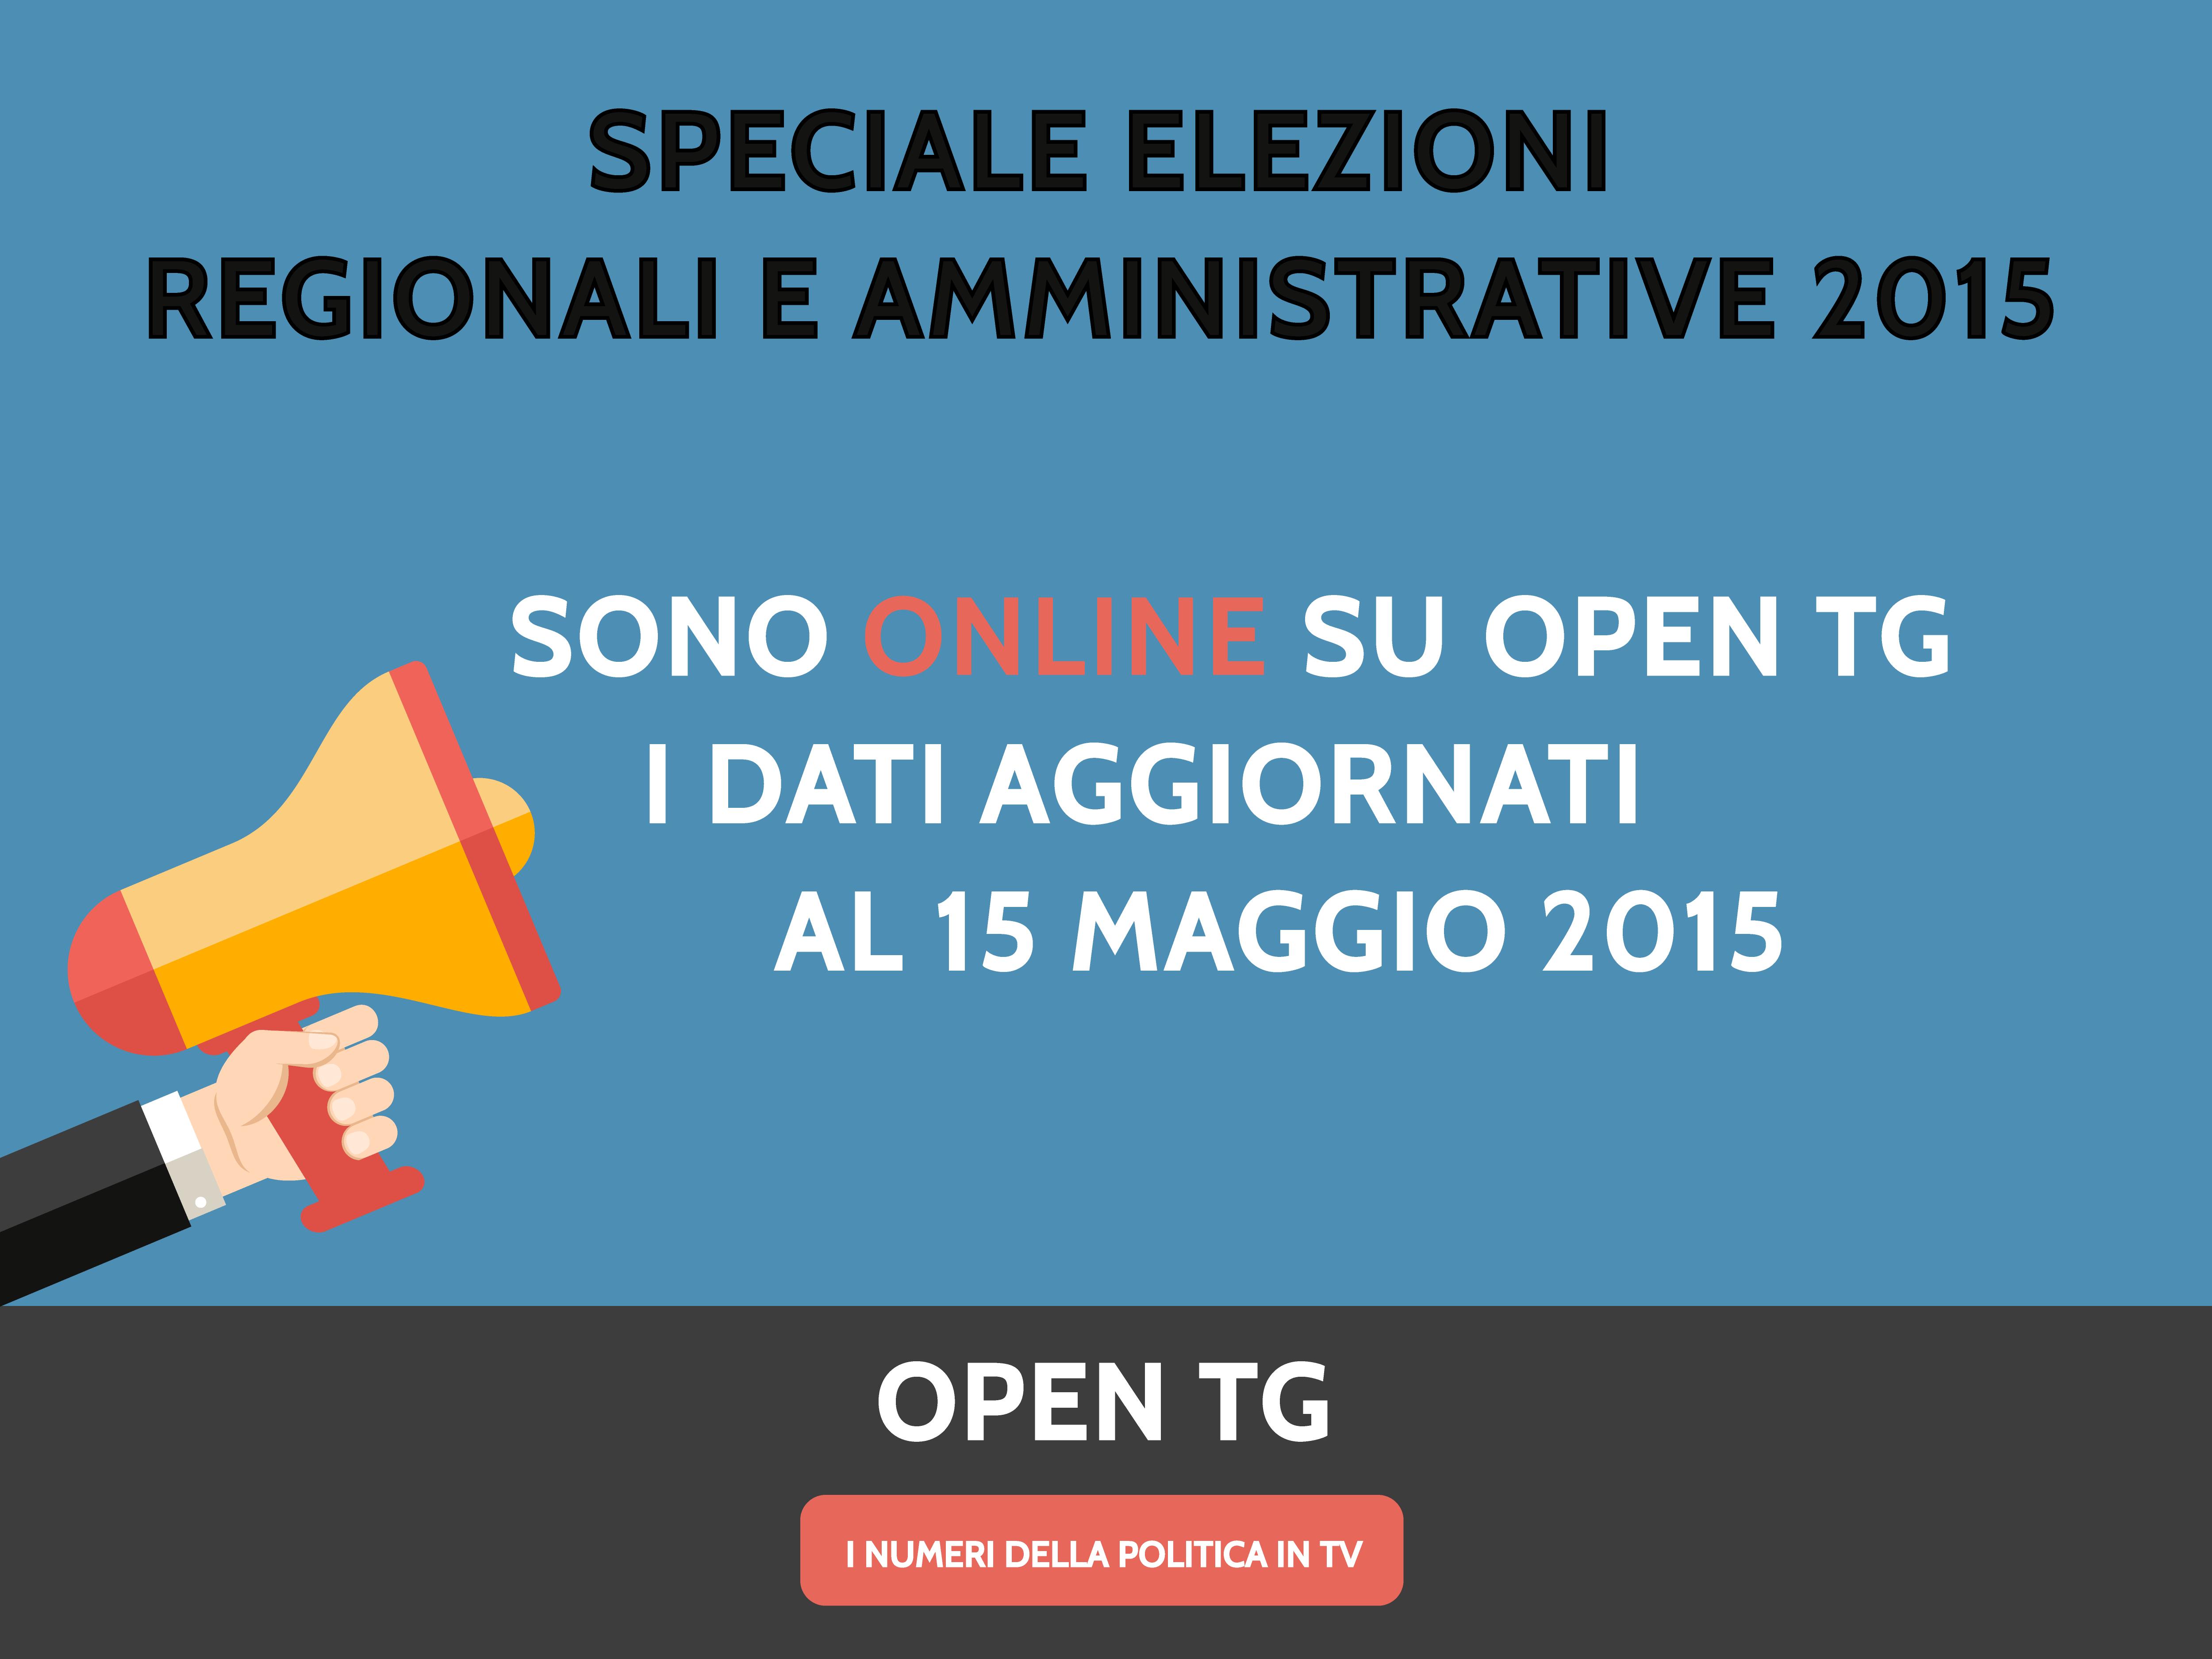 open_tg_speciale-elezioni a-puntata-01